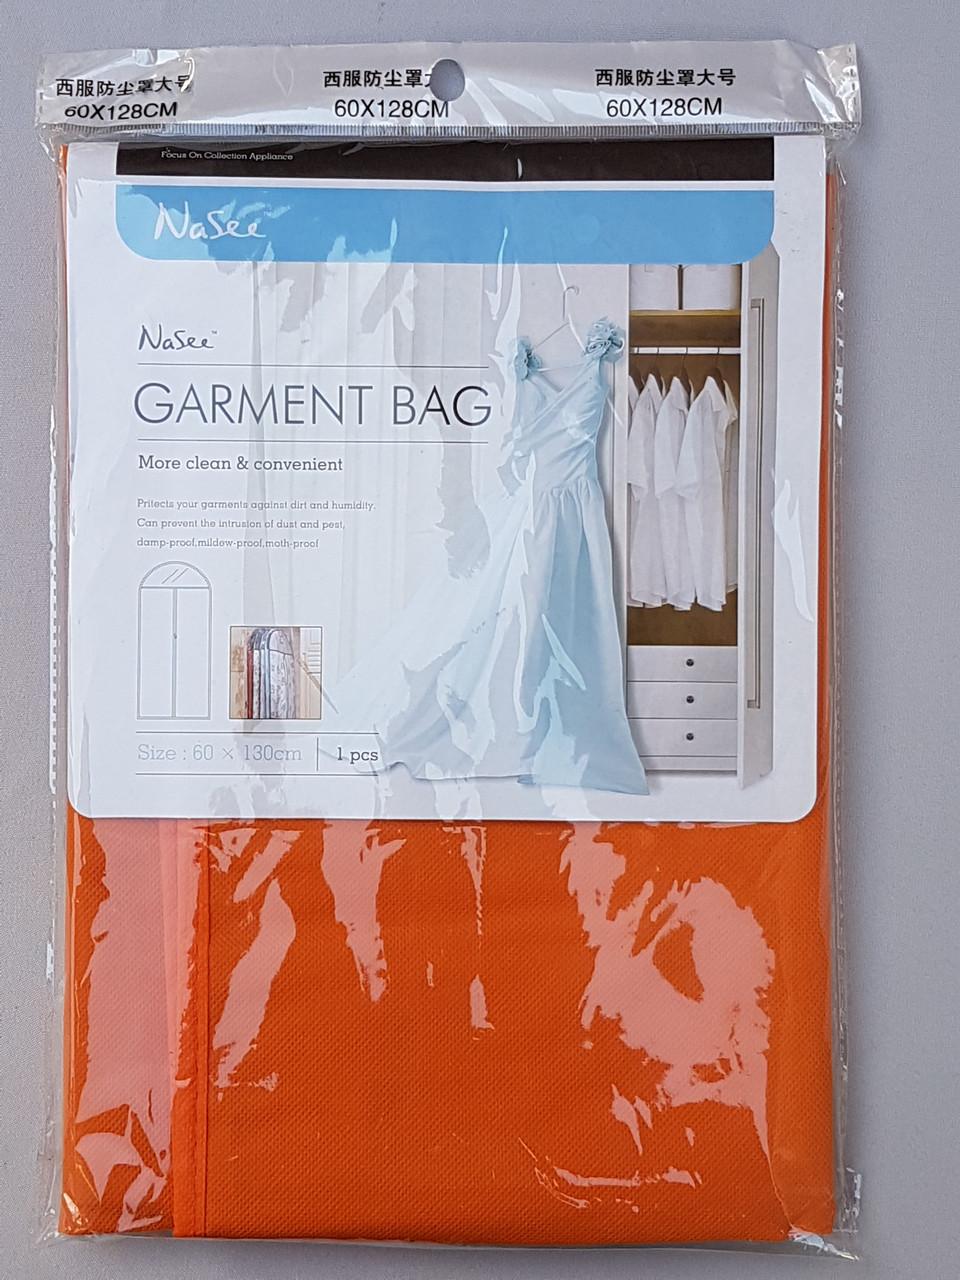 Чехол для хранения и упаковки одежды на молнии флизелиновый  оранжевого цвета. Размер 60 см*130 см.